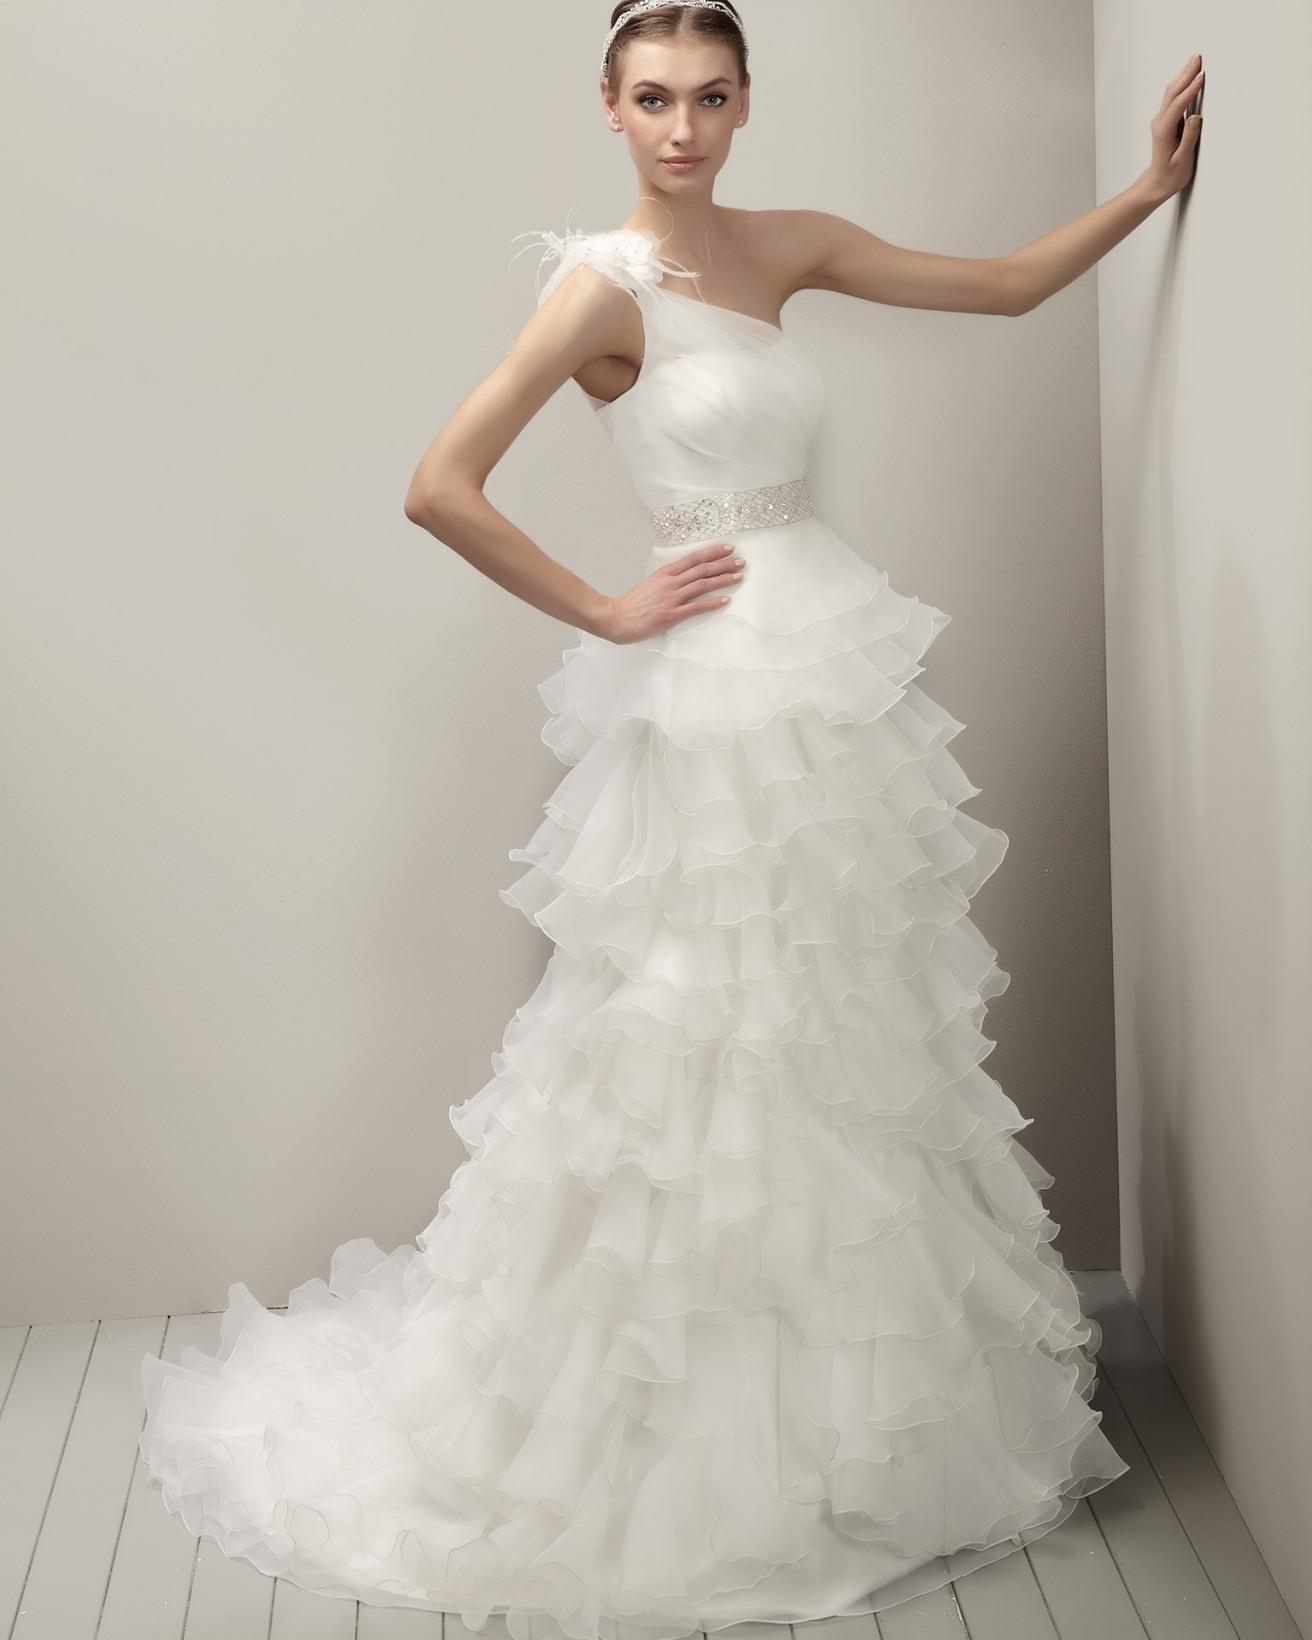 Vestidos novia outlet marcas